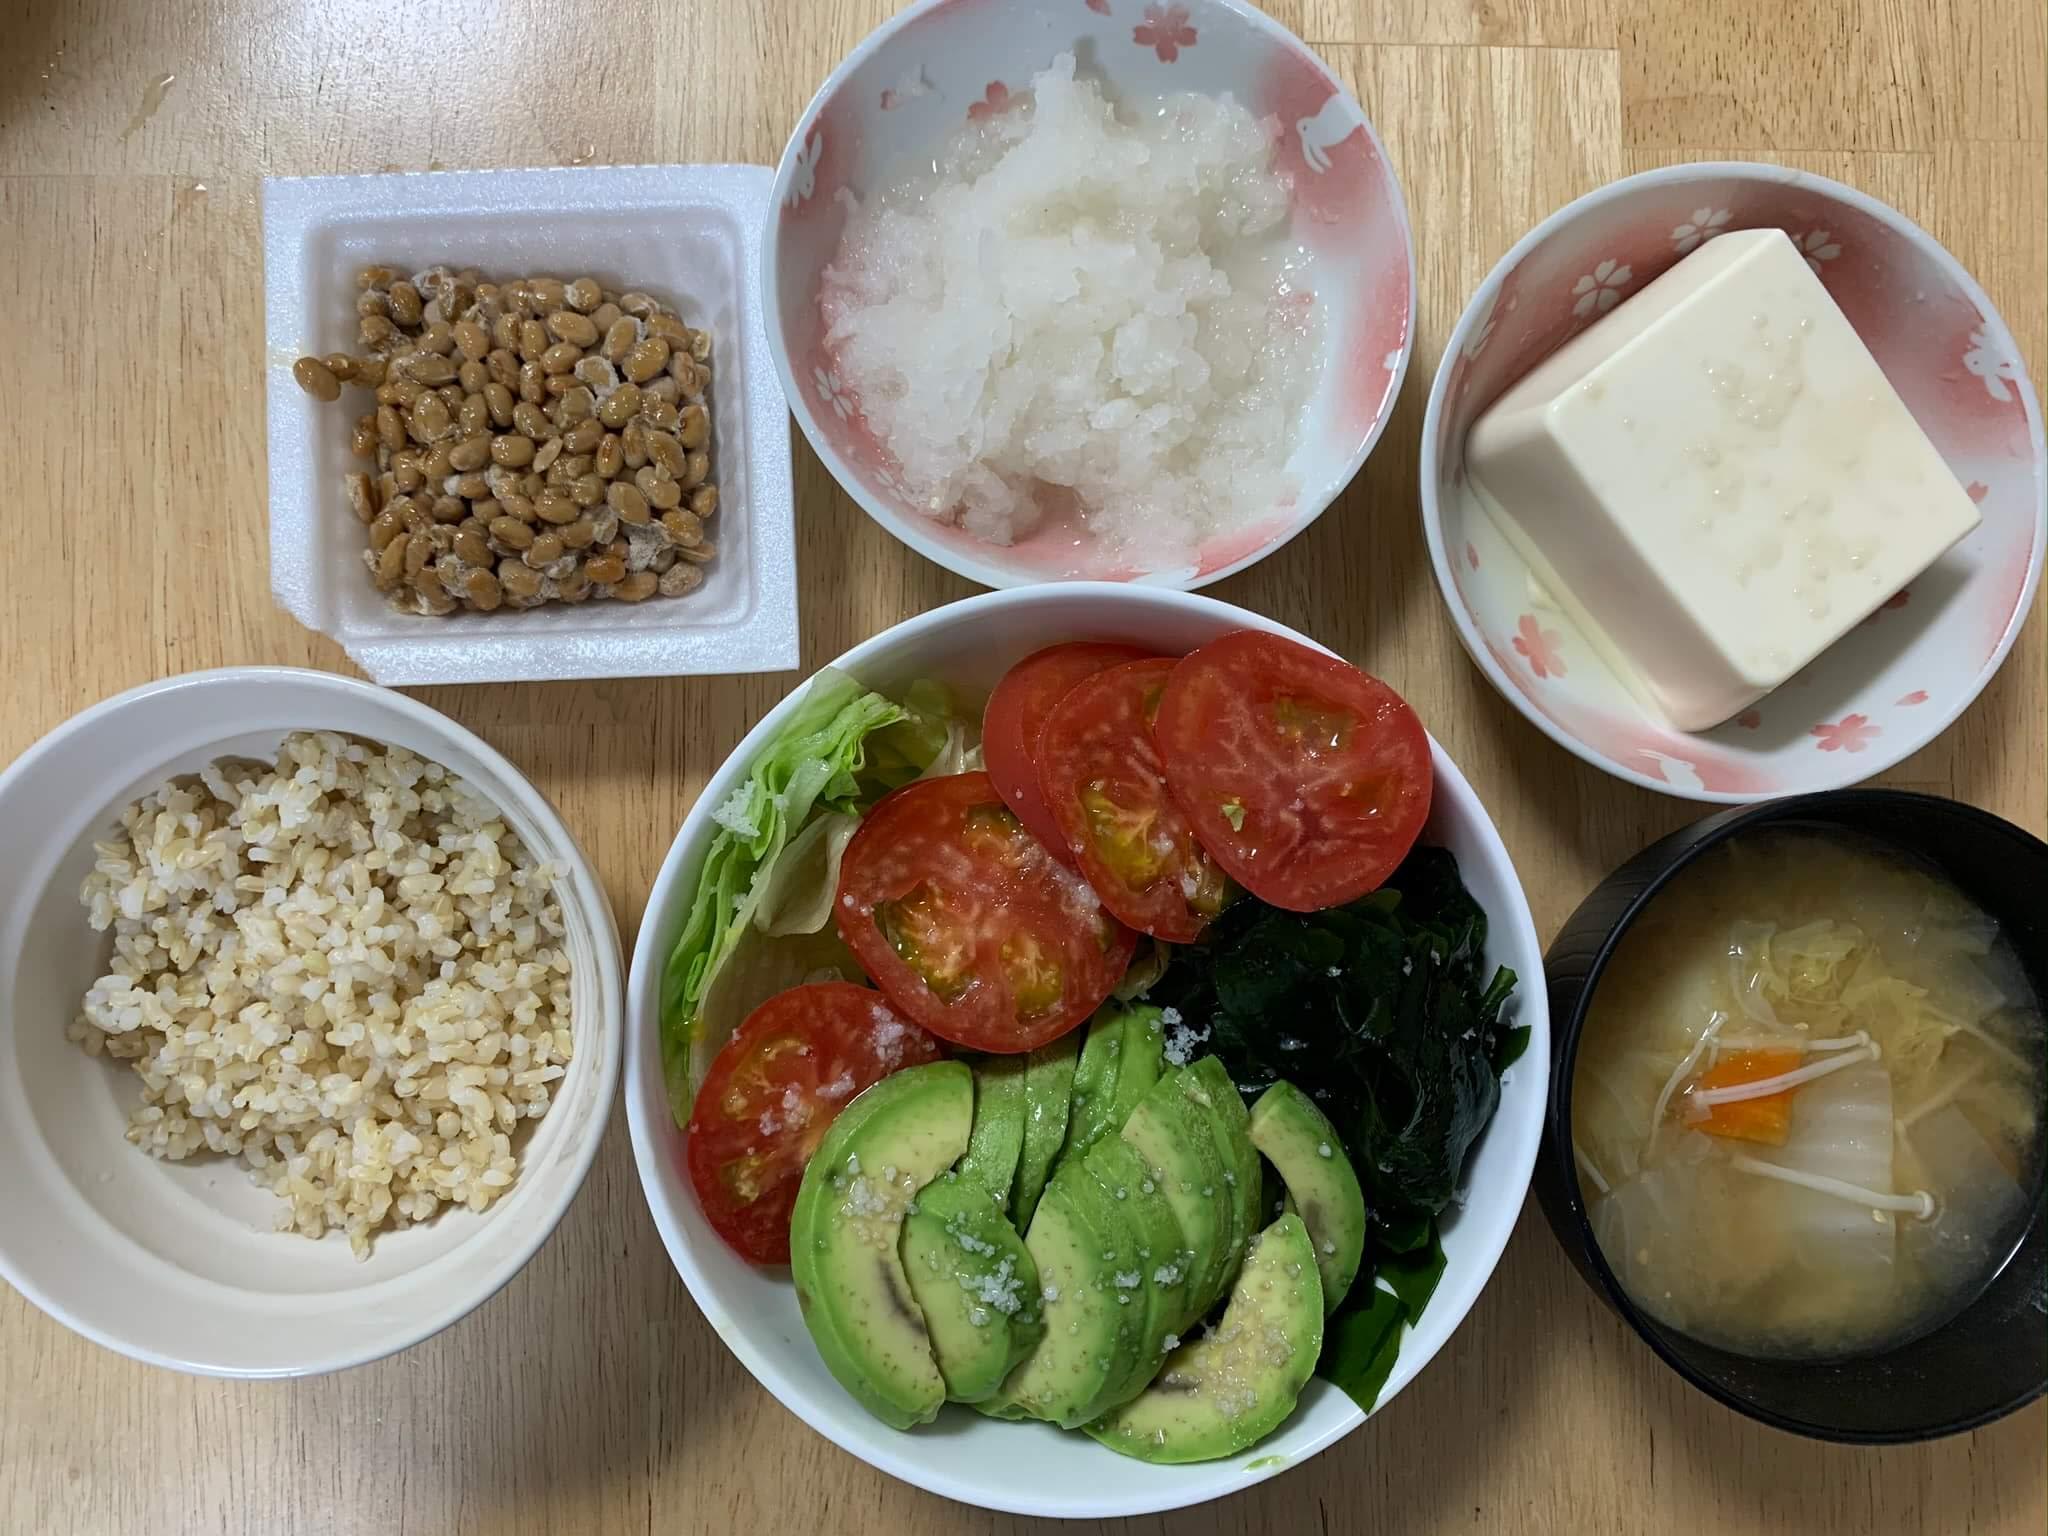 【断食】7日間ファスティング+3日間回復食実践結果まとめ ~回復食偏~